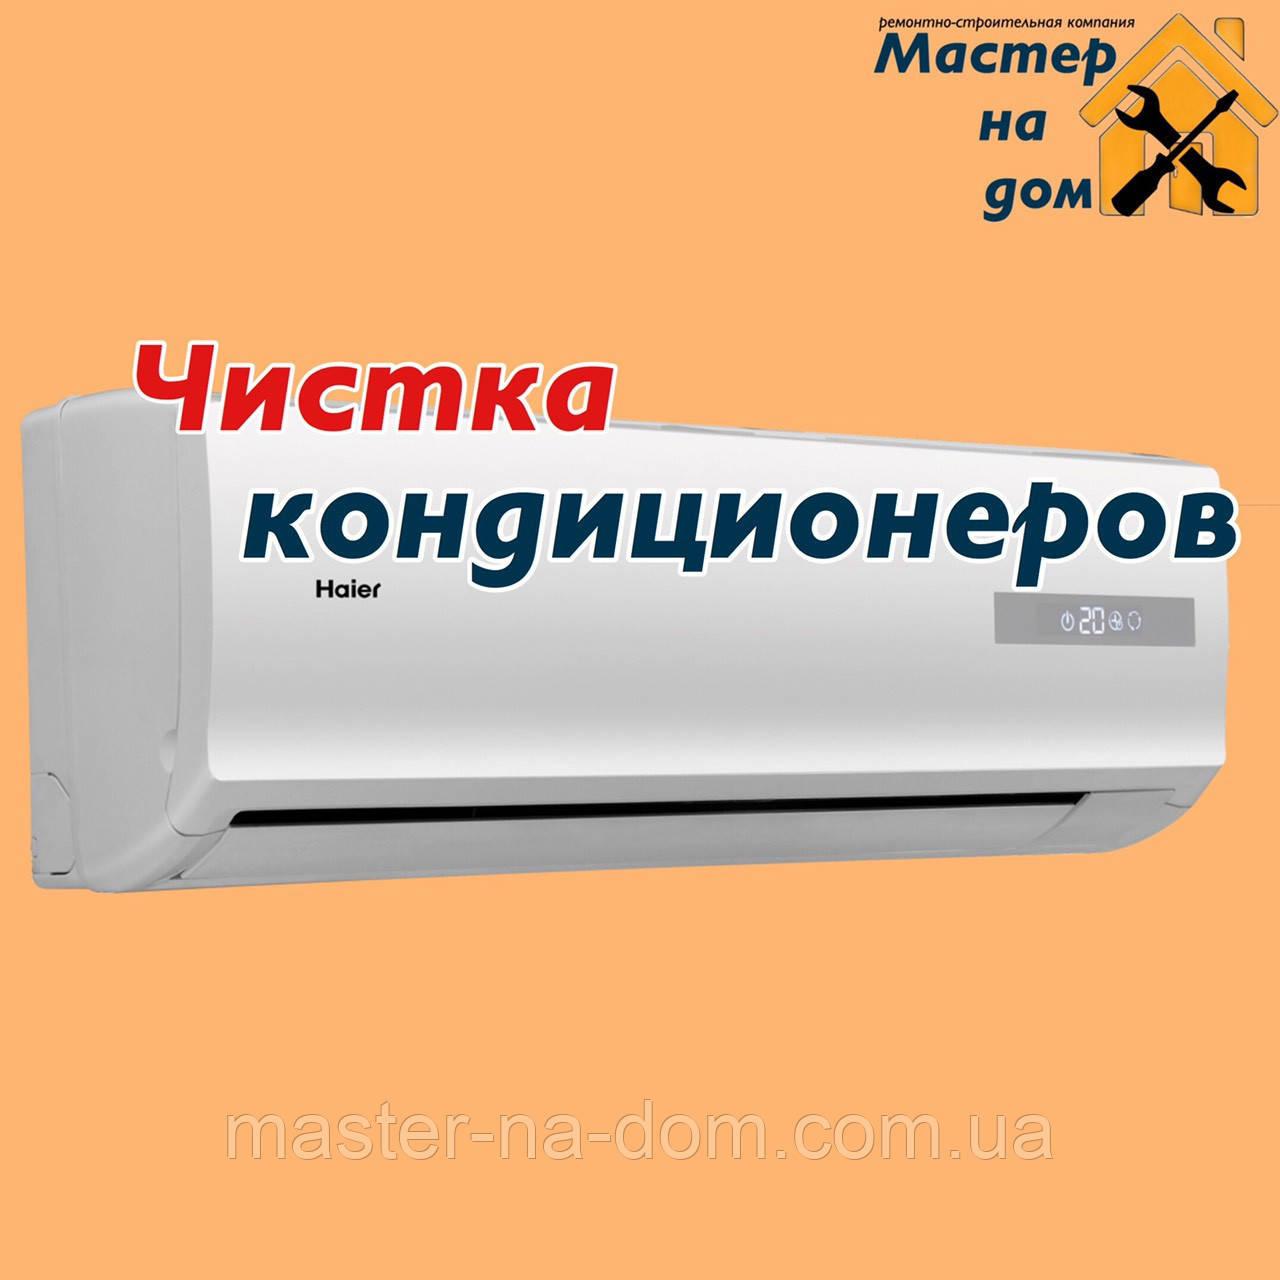 Чистка кондиционеров в Ровном